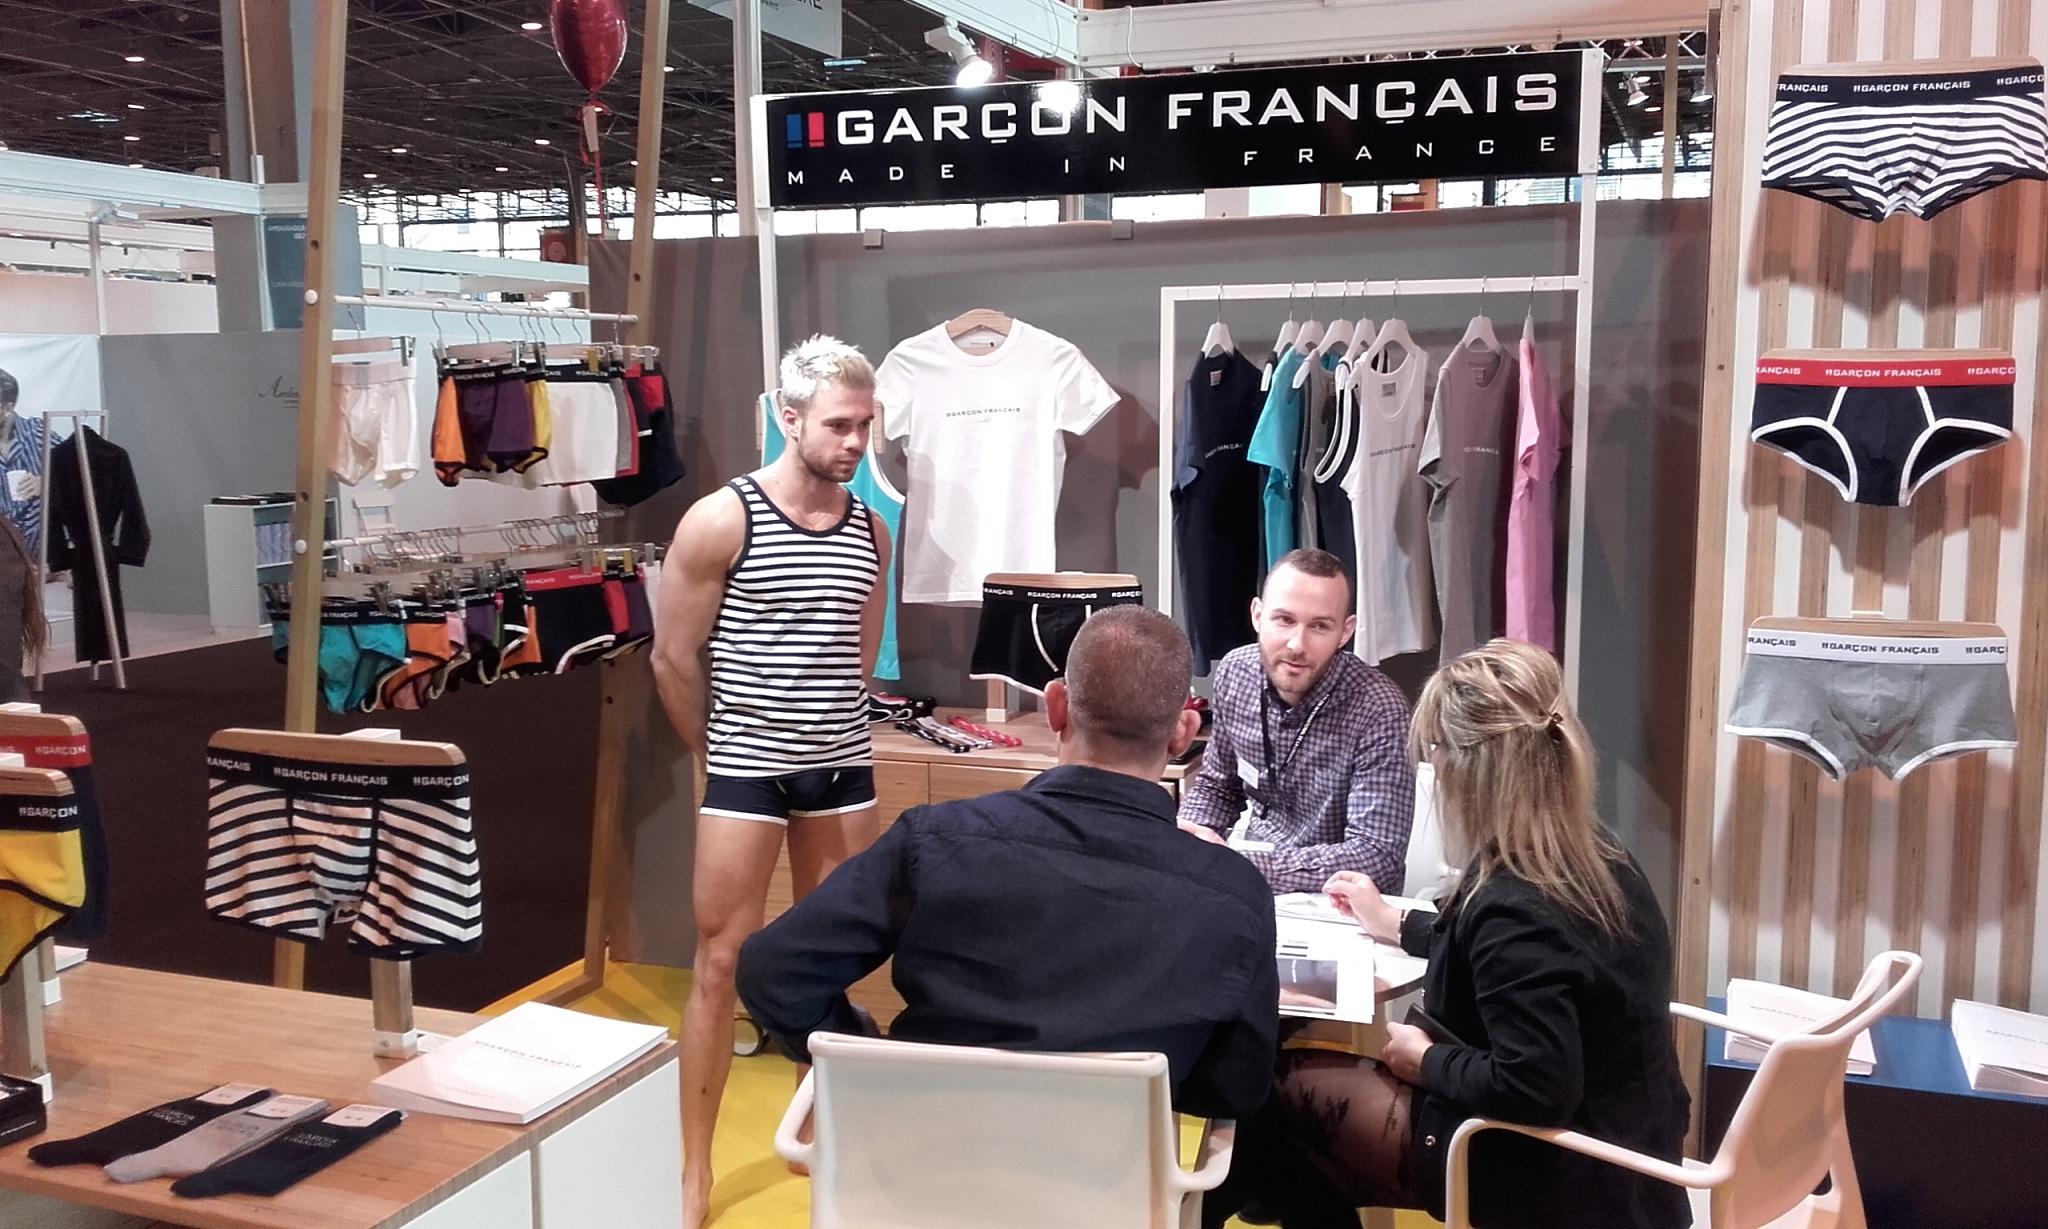 salon de la lingerie garçon français